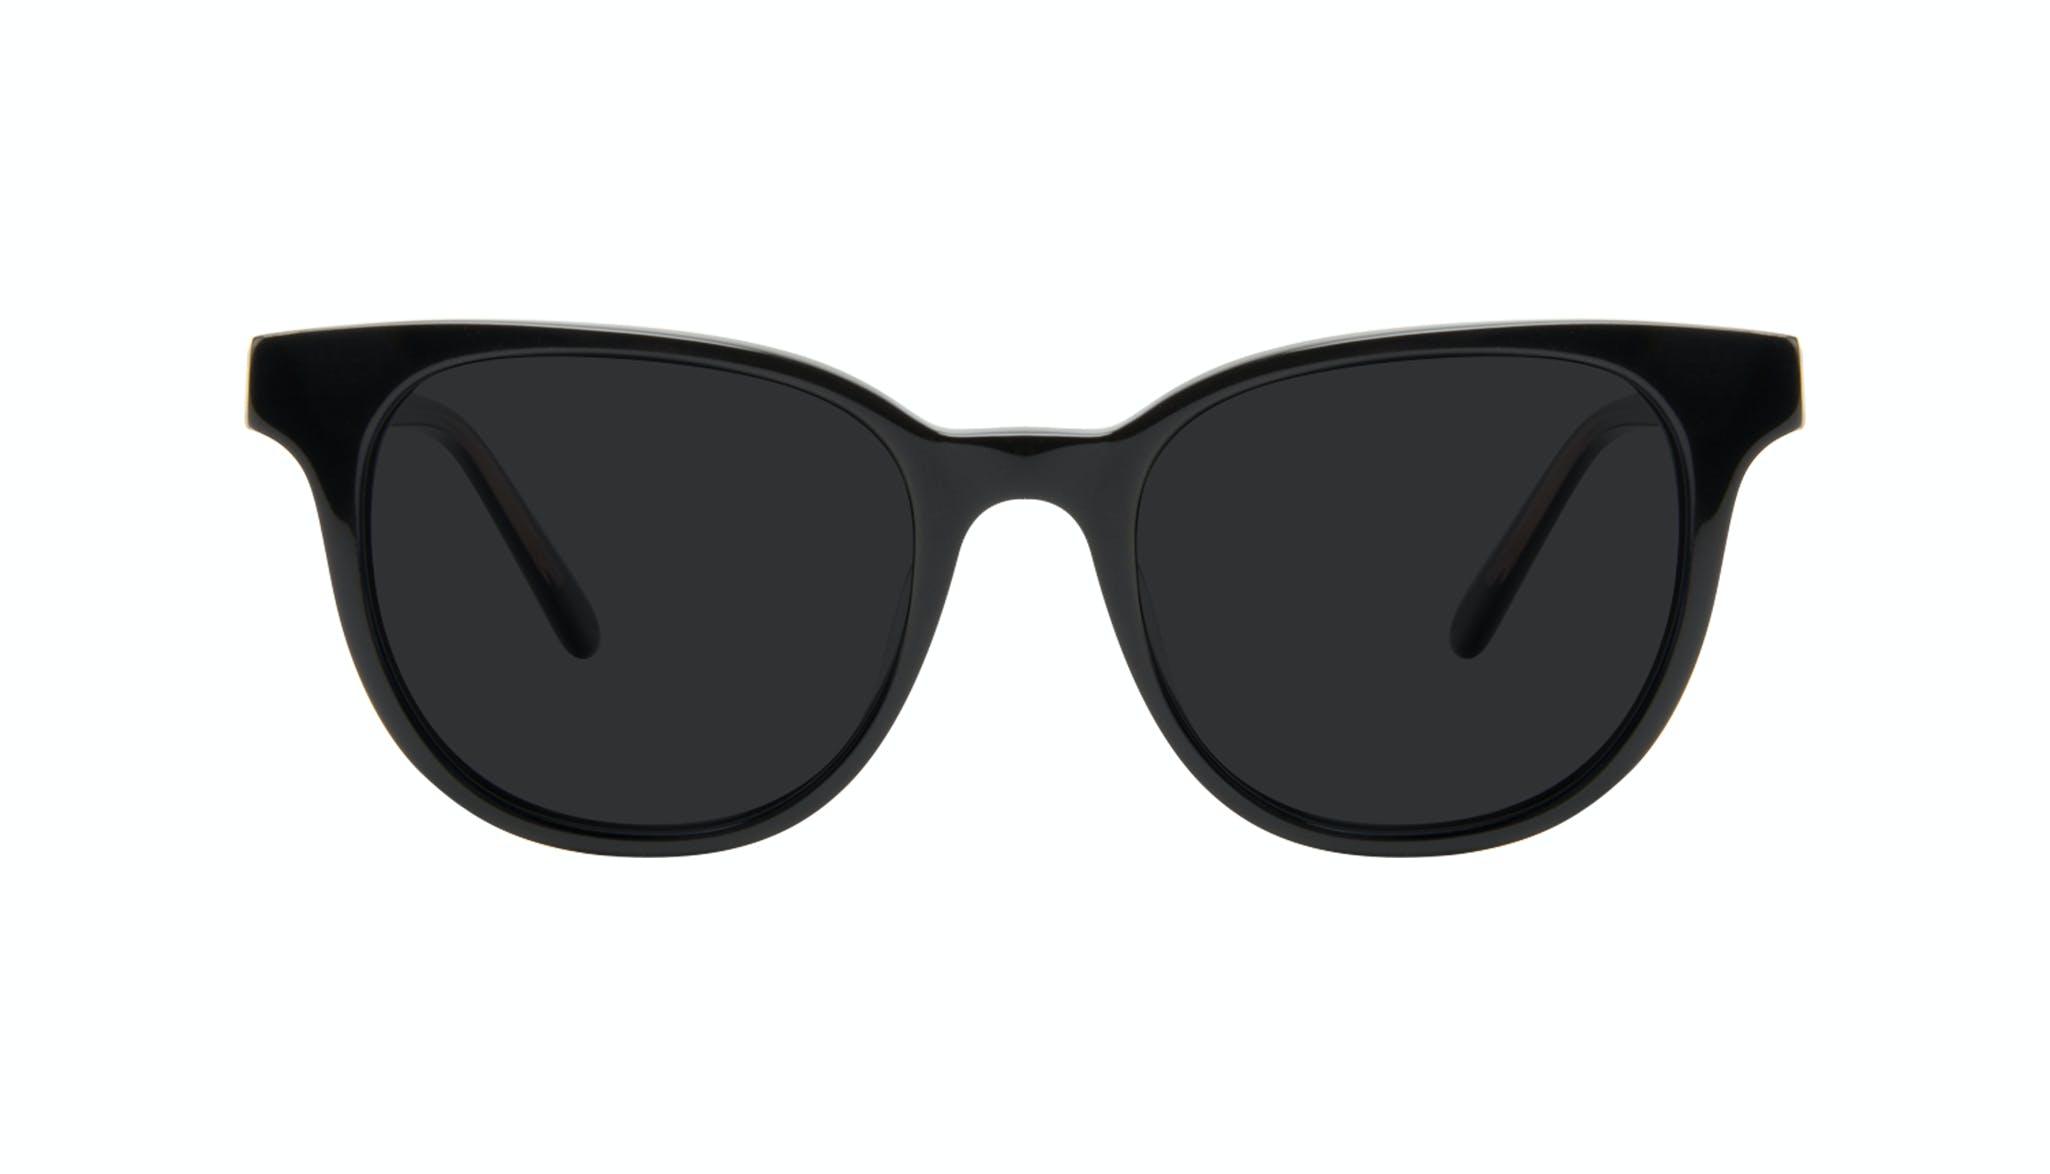 Lunettes tendance Carrée Lunettes de soleil Femmes Lively Black